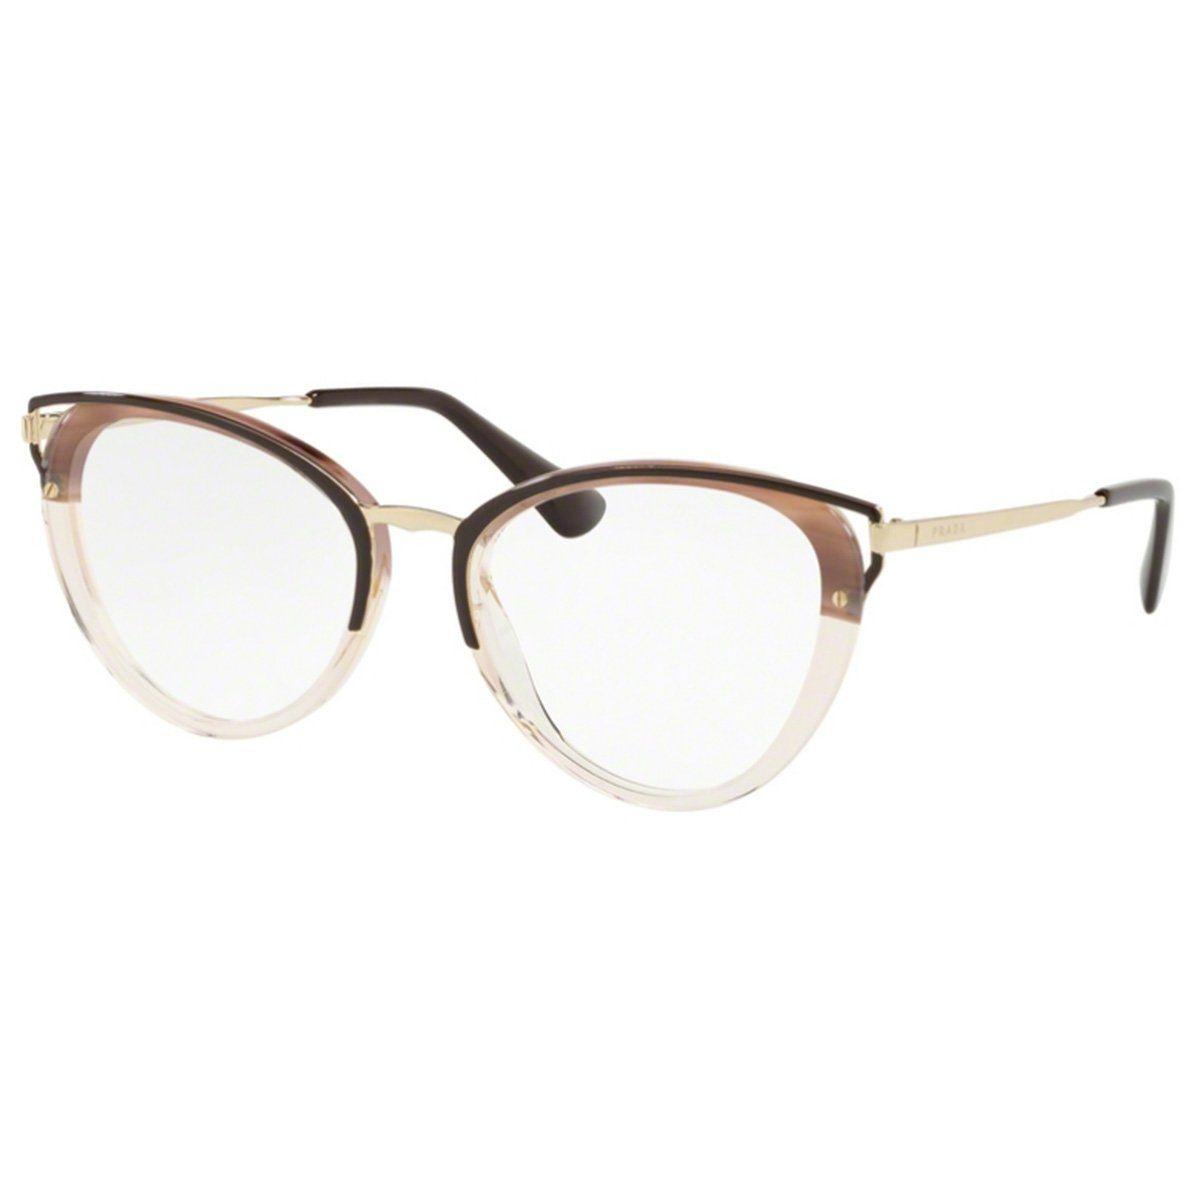 bacf4ed23ec3e Armação Óculos de Grau Feminino Prada VPR53U MRU-101 - Omega Ótica e ...